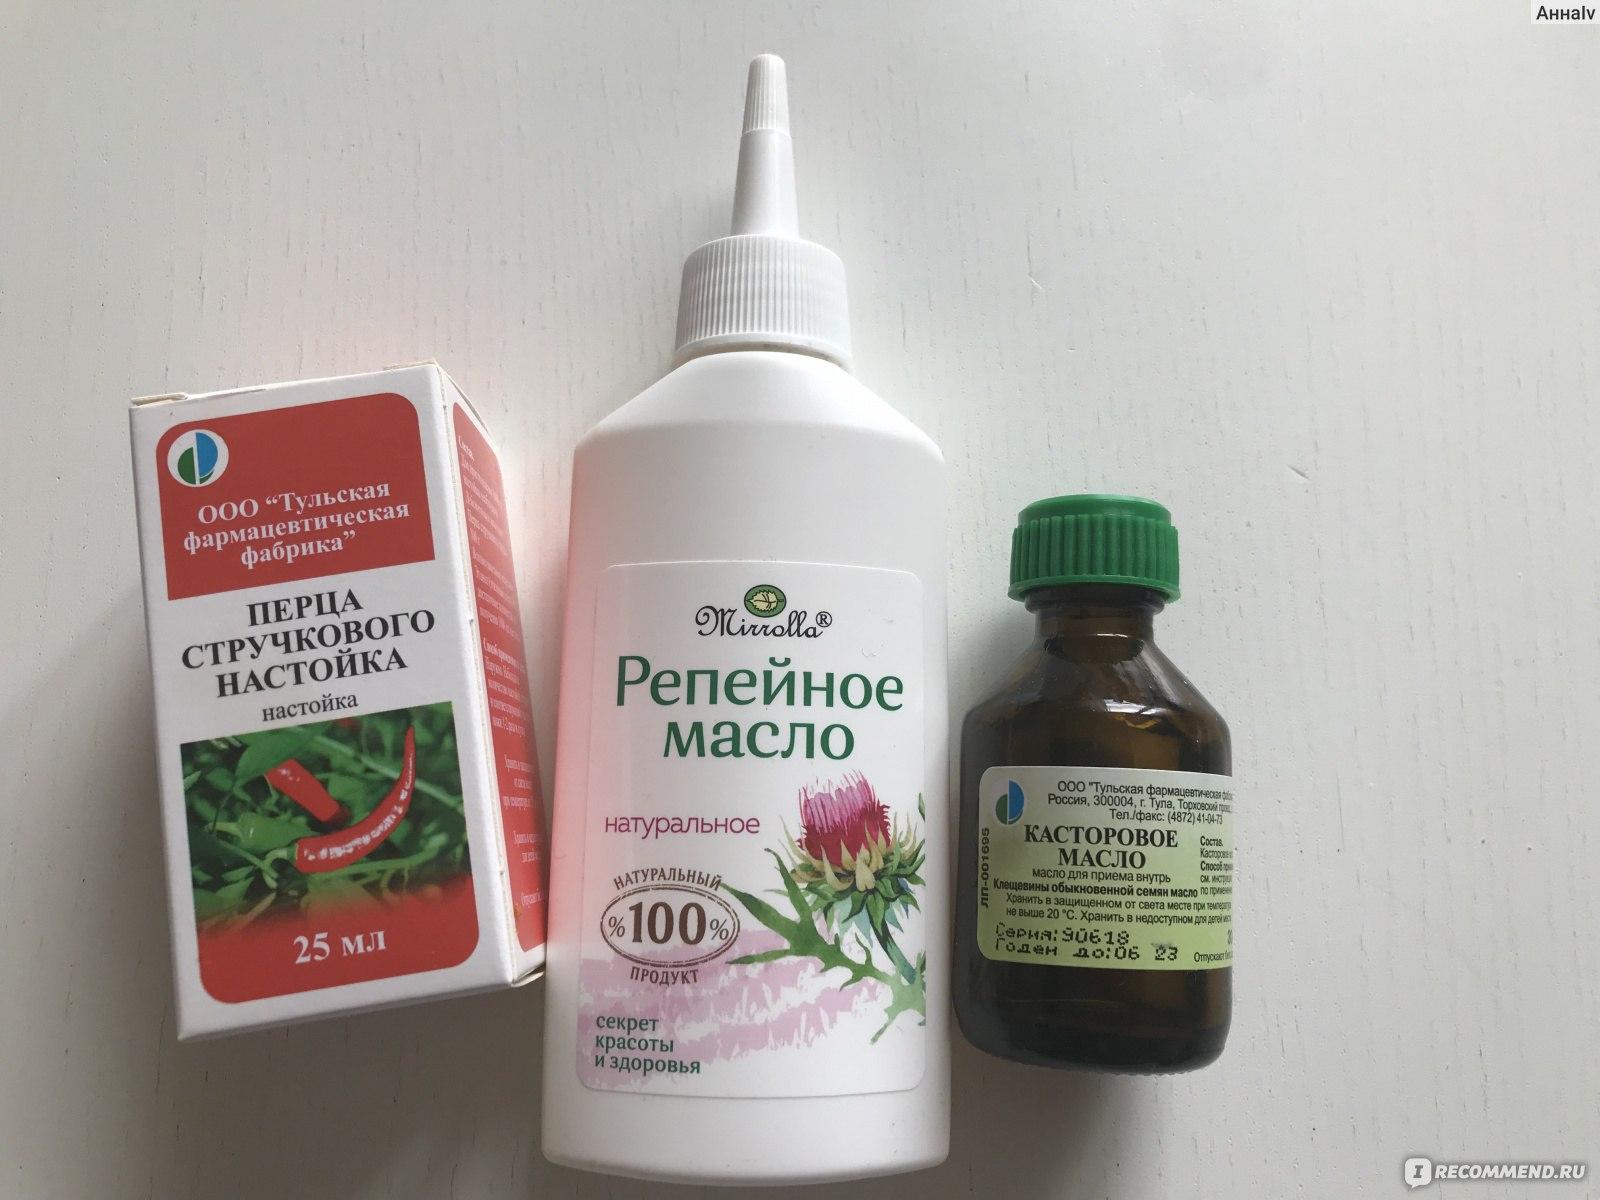 Перцовая настойка для роста волос: рецепт приготовления, применение, отзывы